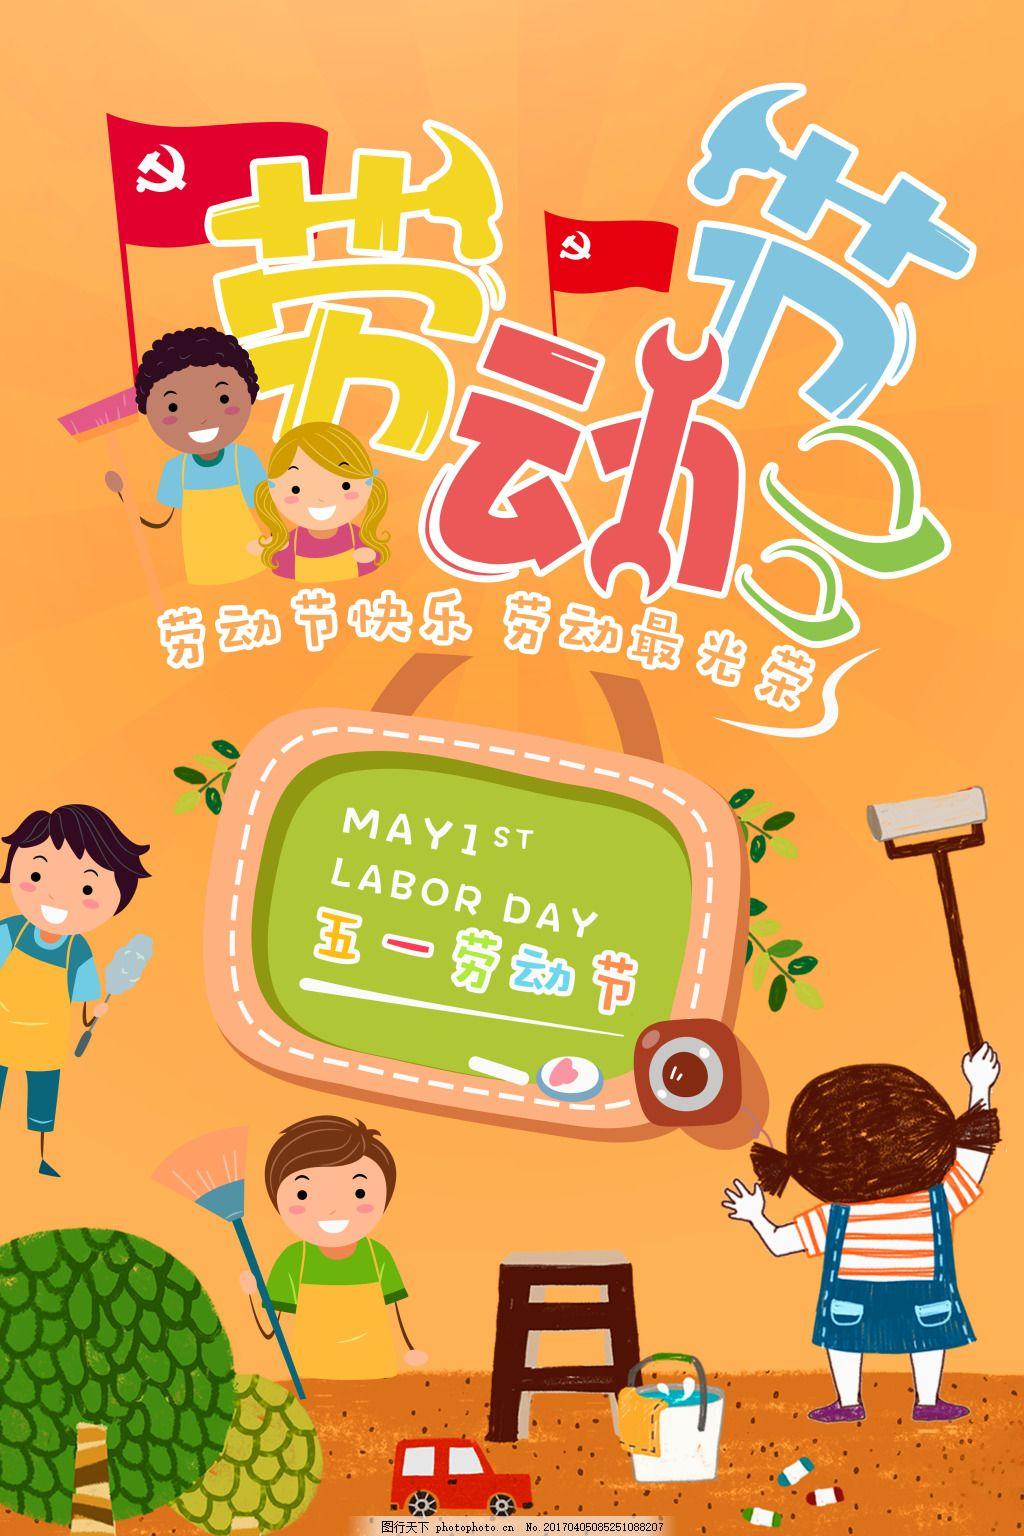 劳动节快乐 小学生 卡通 海报 大扫除 可爱 插画